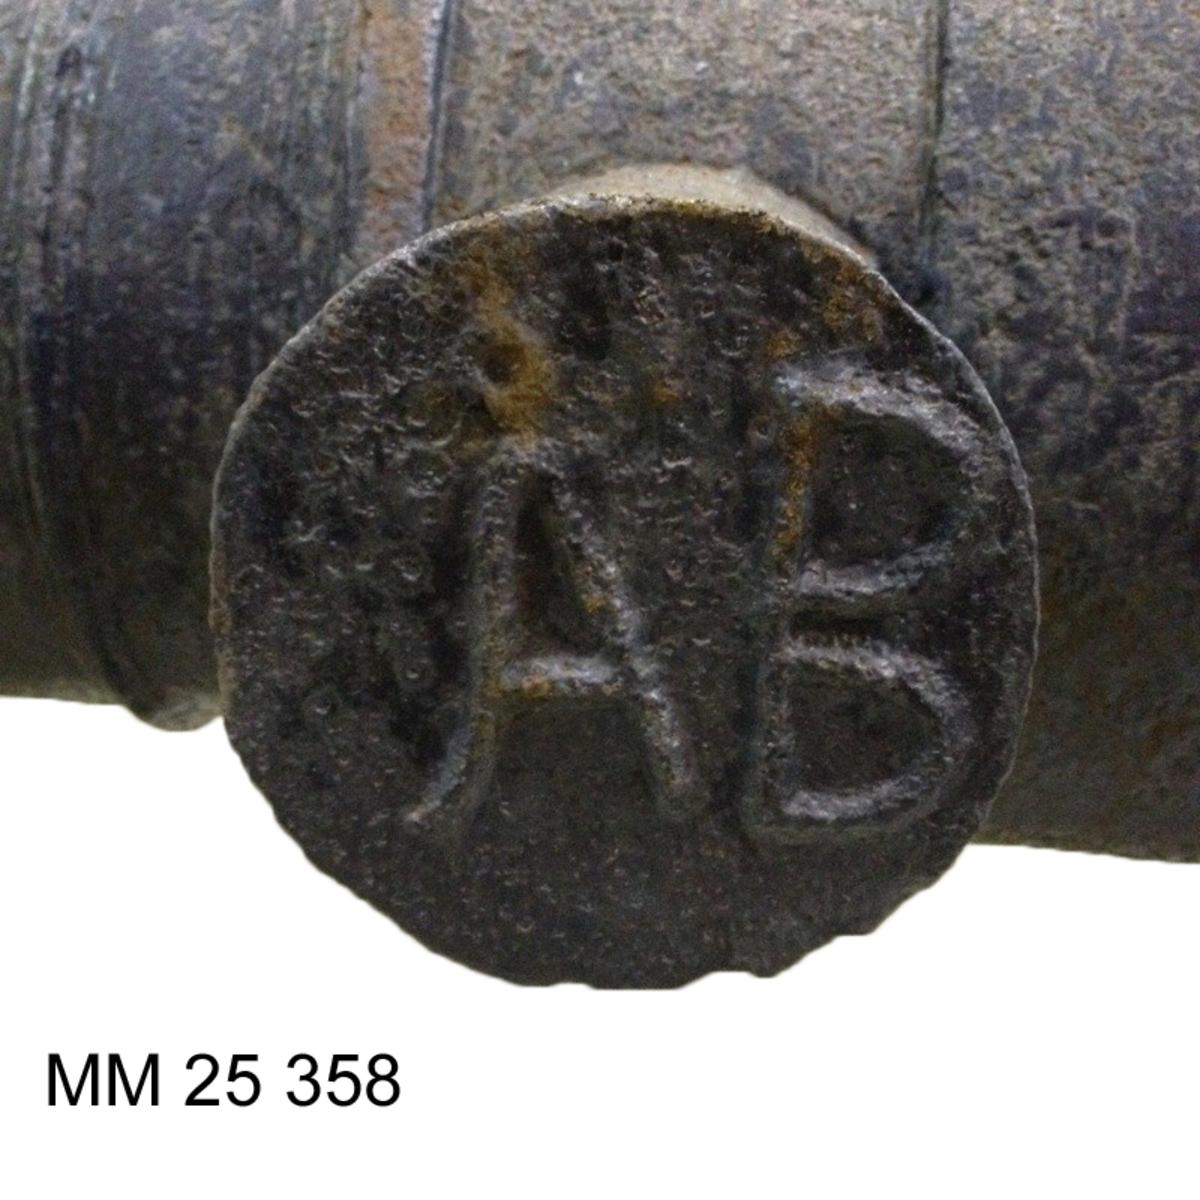 """Rostansatt eldrör. Tapparna placerade vid mitten av eldröret. Inskription på tapparna """"ÅB"""" samt """"W"""" i rundrelief. Fänghålet består av en upphöjd kvadrat vid bottensatsen på eldröret."""